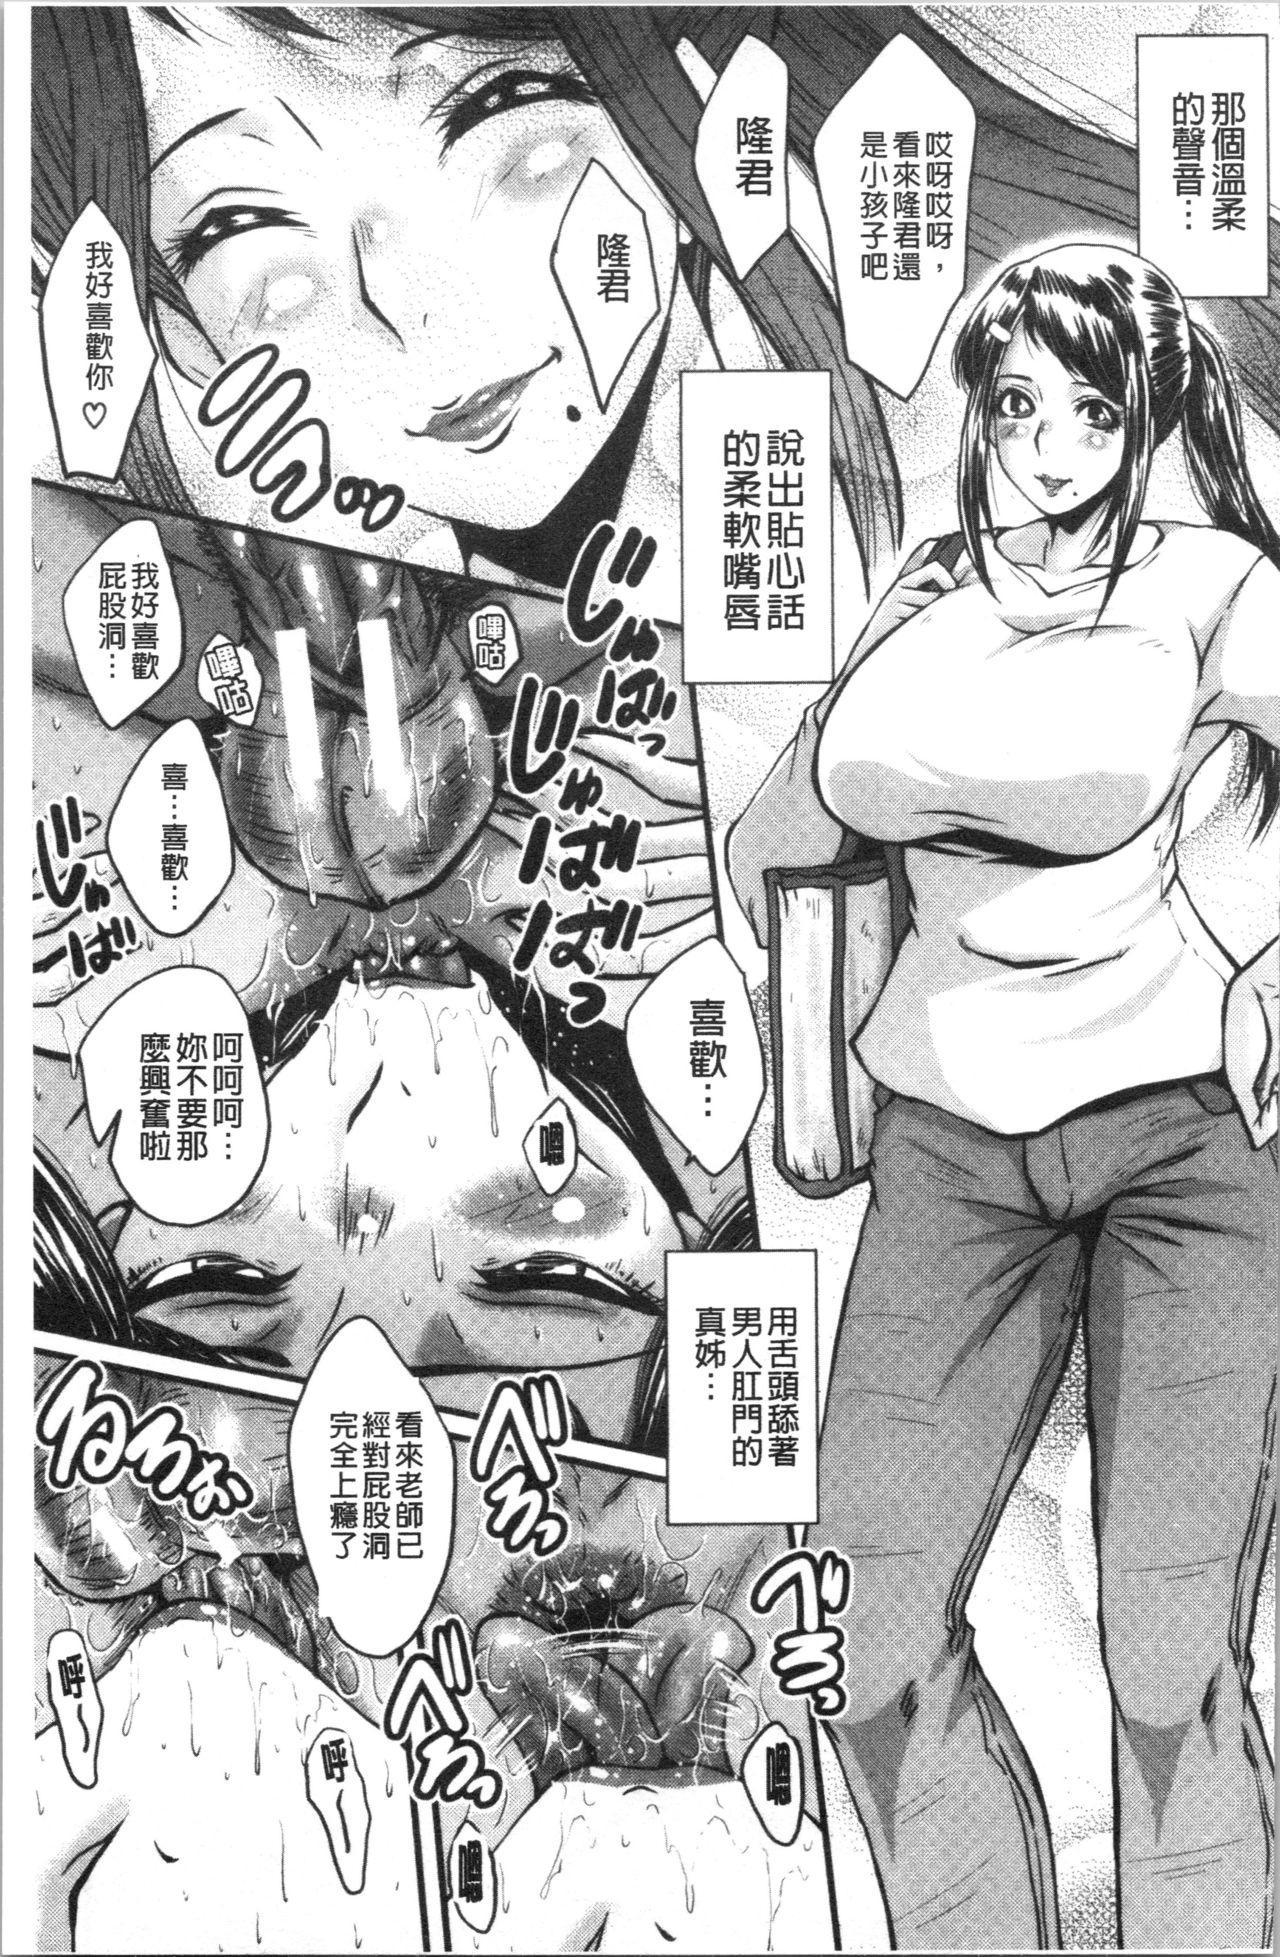 Bokuno Kanojo ga Kusogaki ni Netorareta Hanashi 32